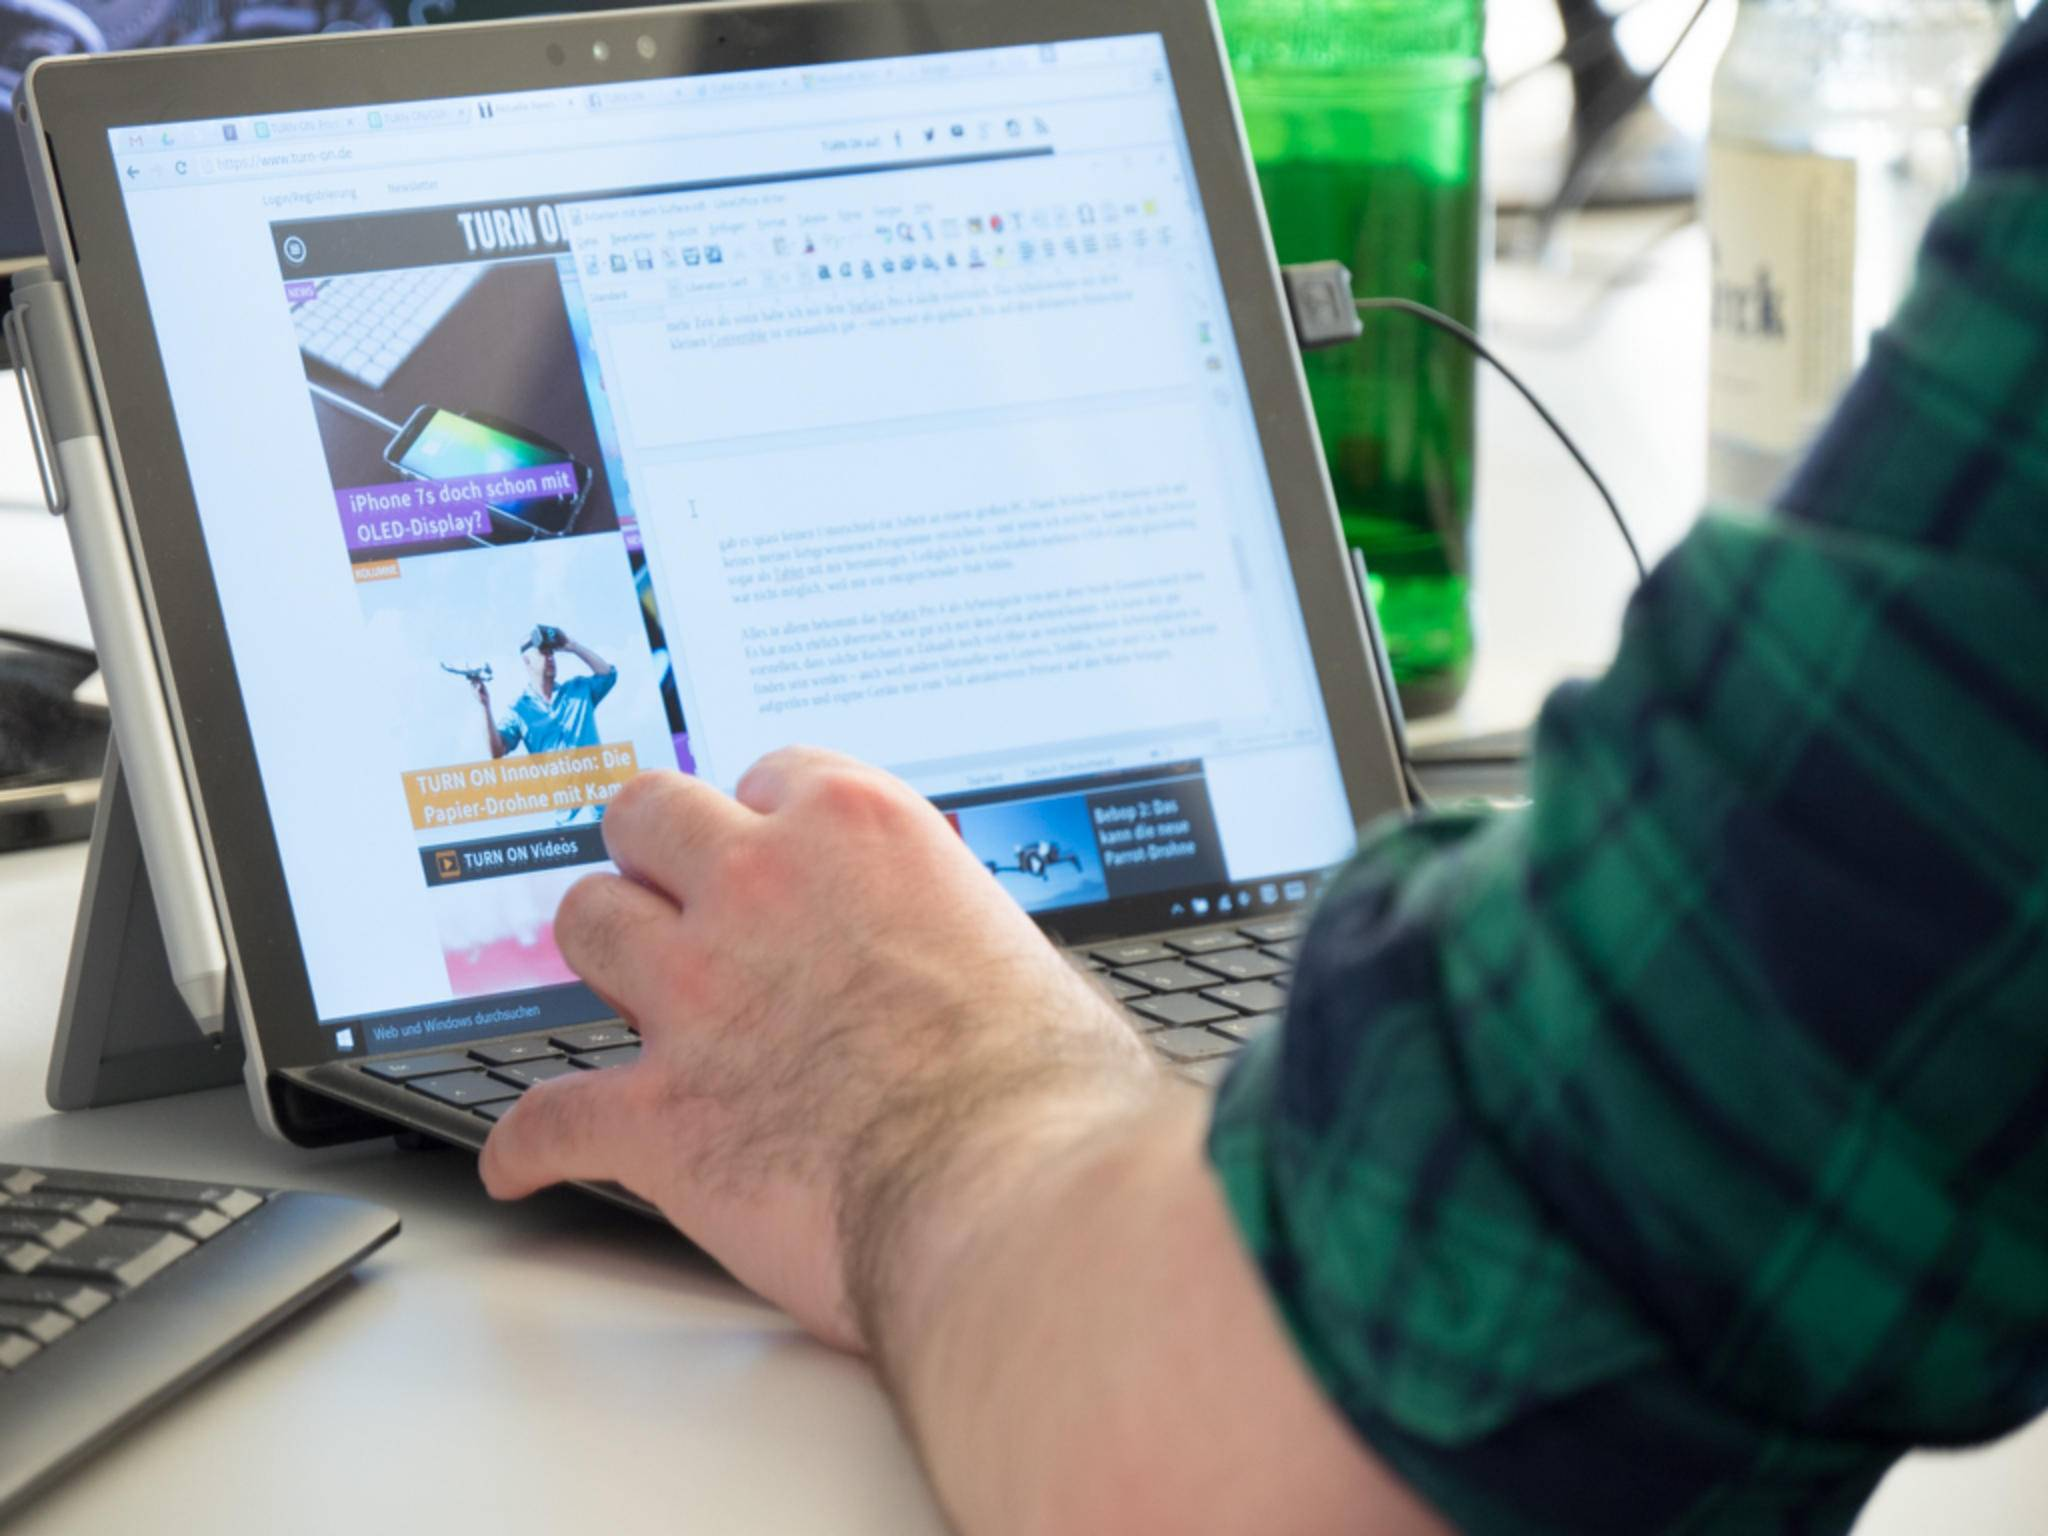 Kann sich das Surface Pro 4 im Arbeitsalltag beweisen?